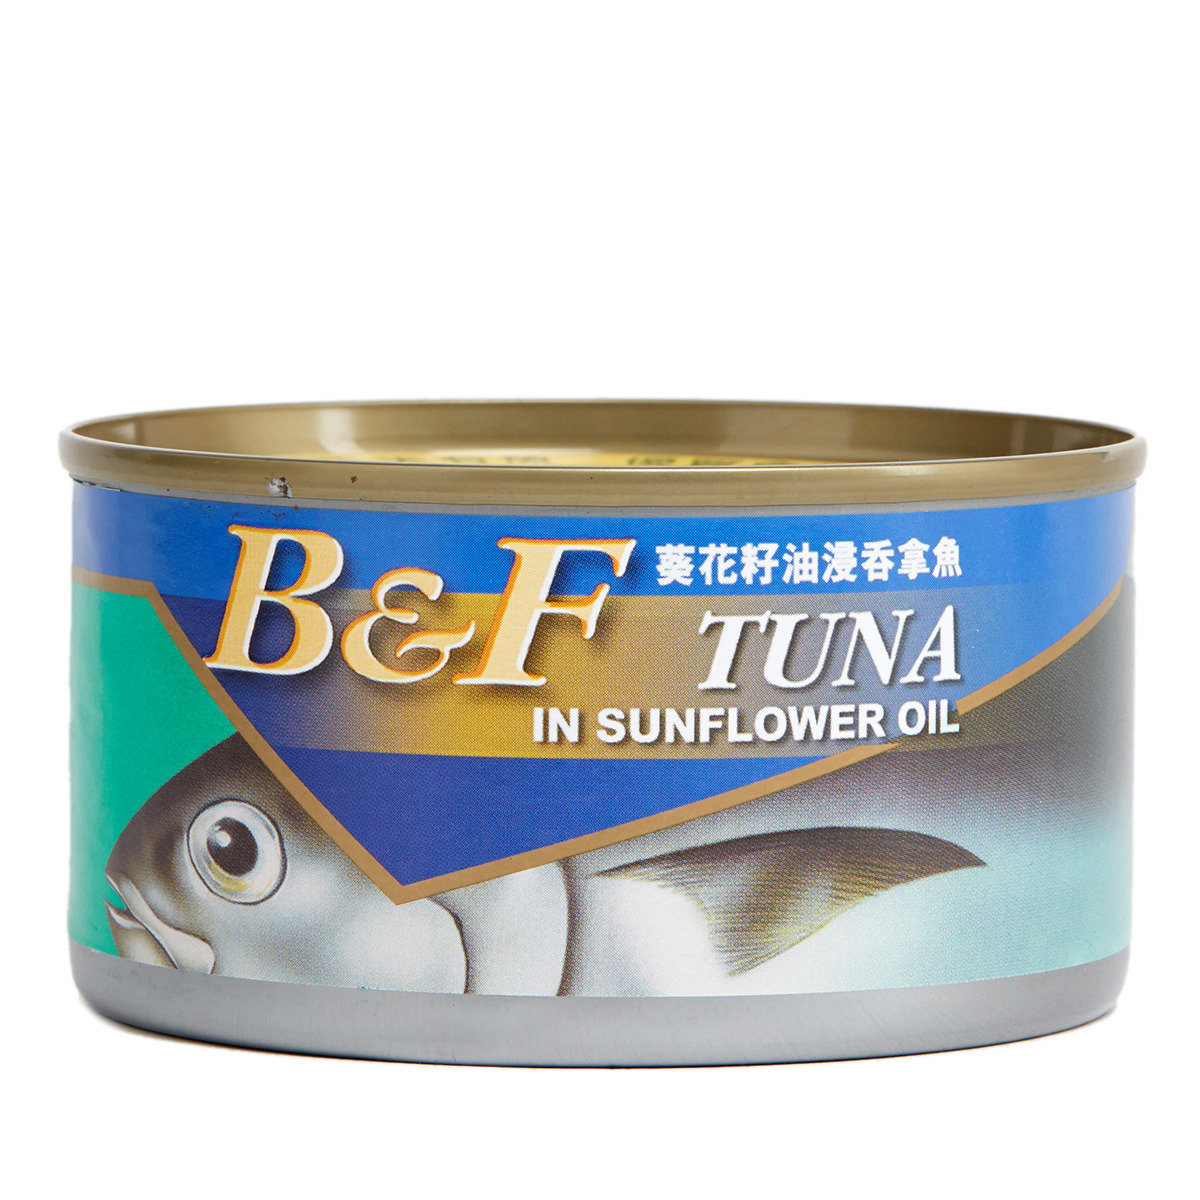 葵花籽油浸吞拿魚